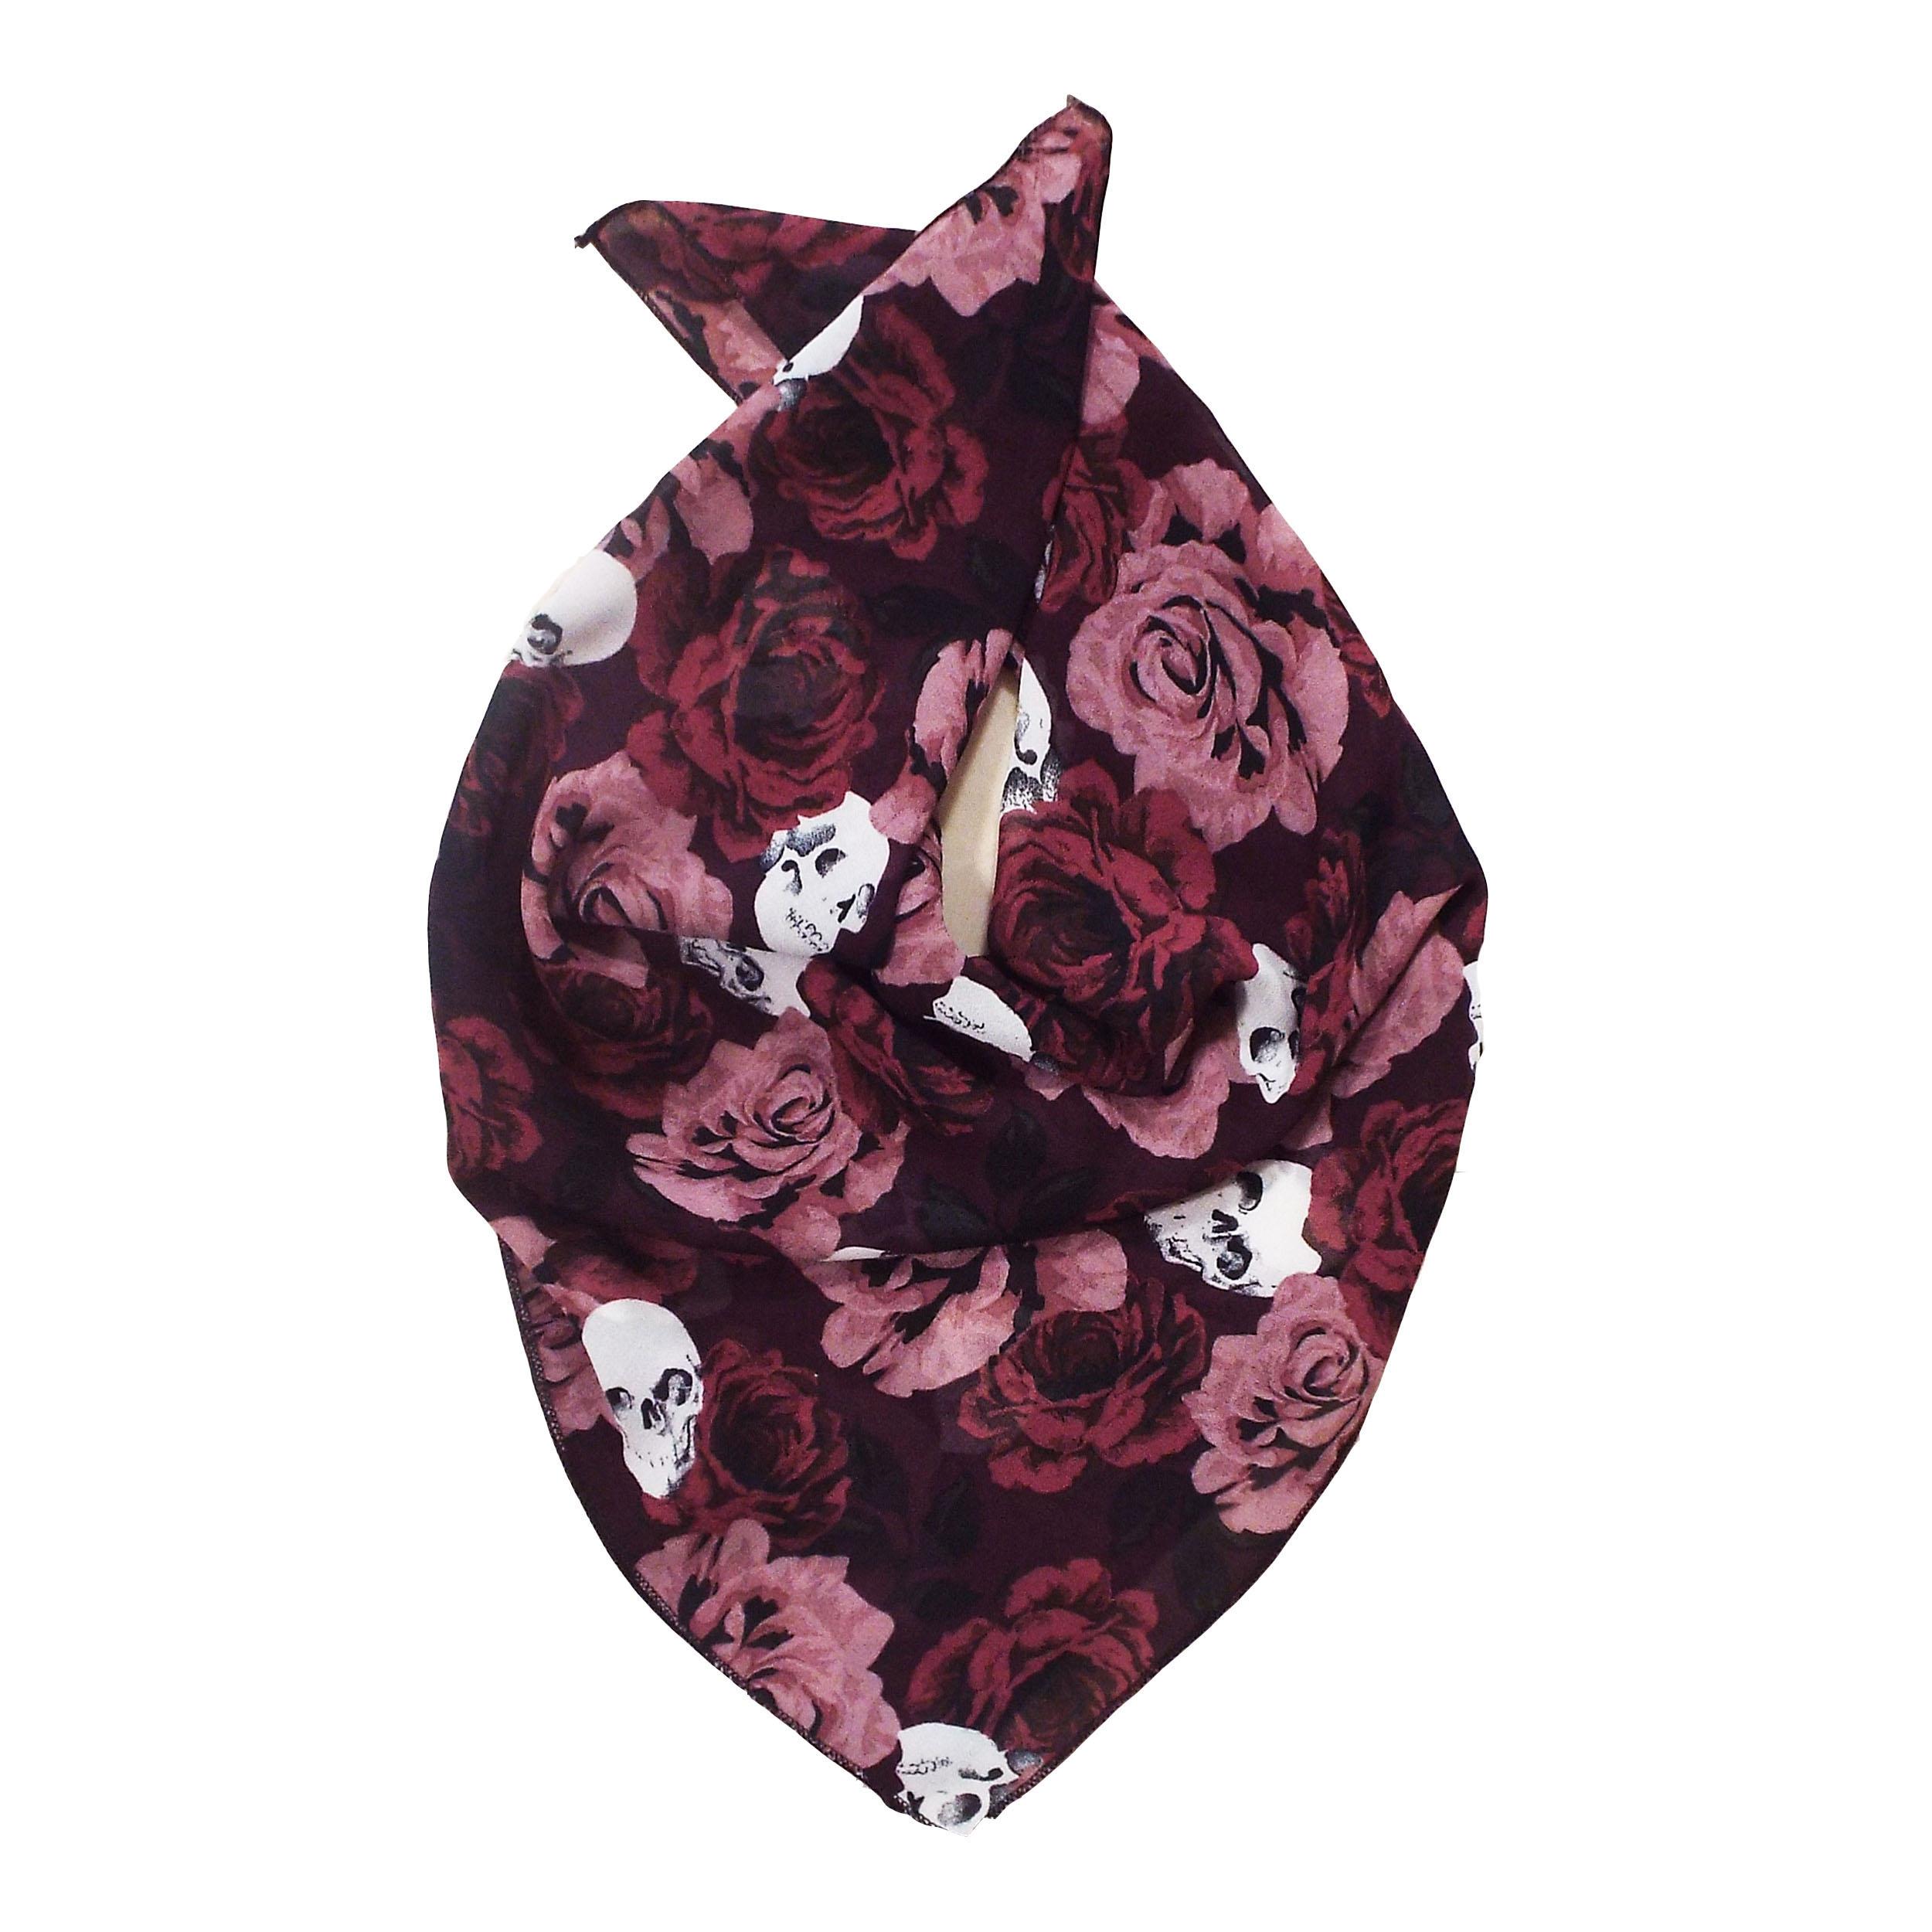 دستمال سر و گردن زنانه تبسم مدل 2013